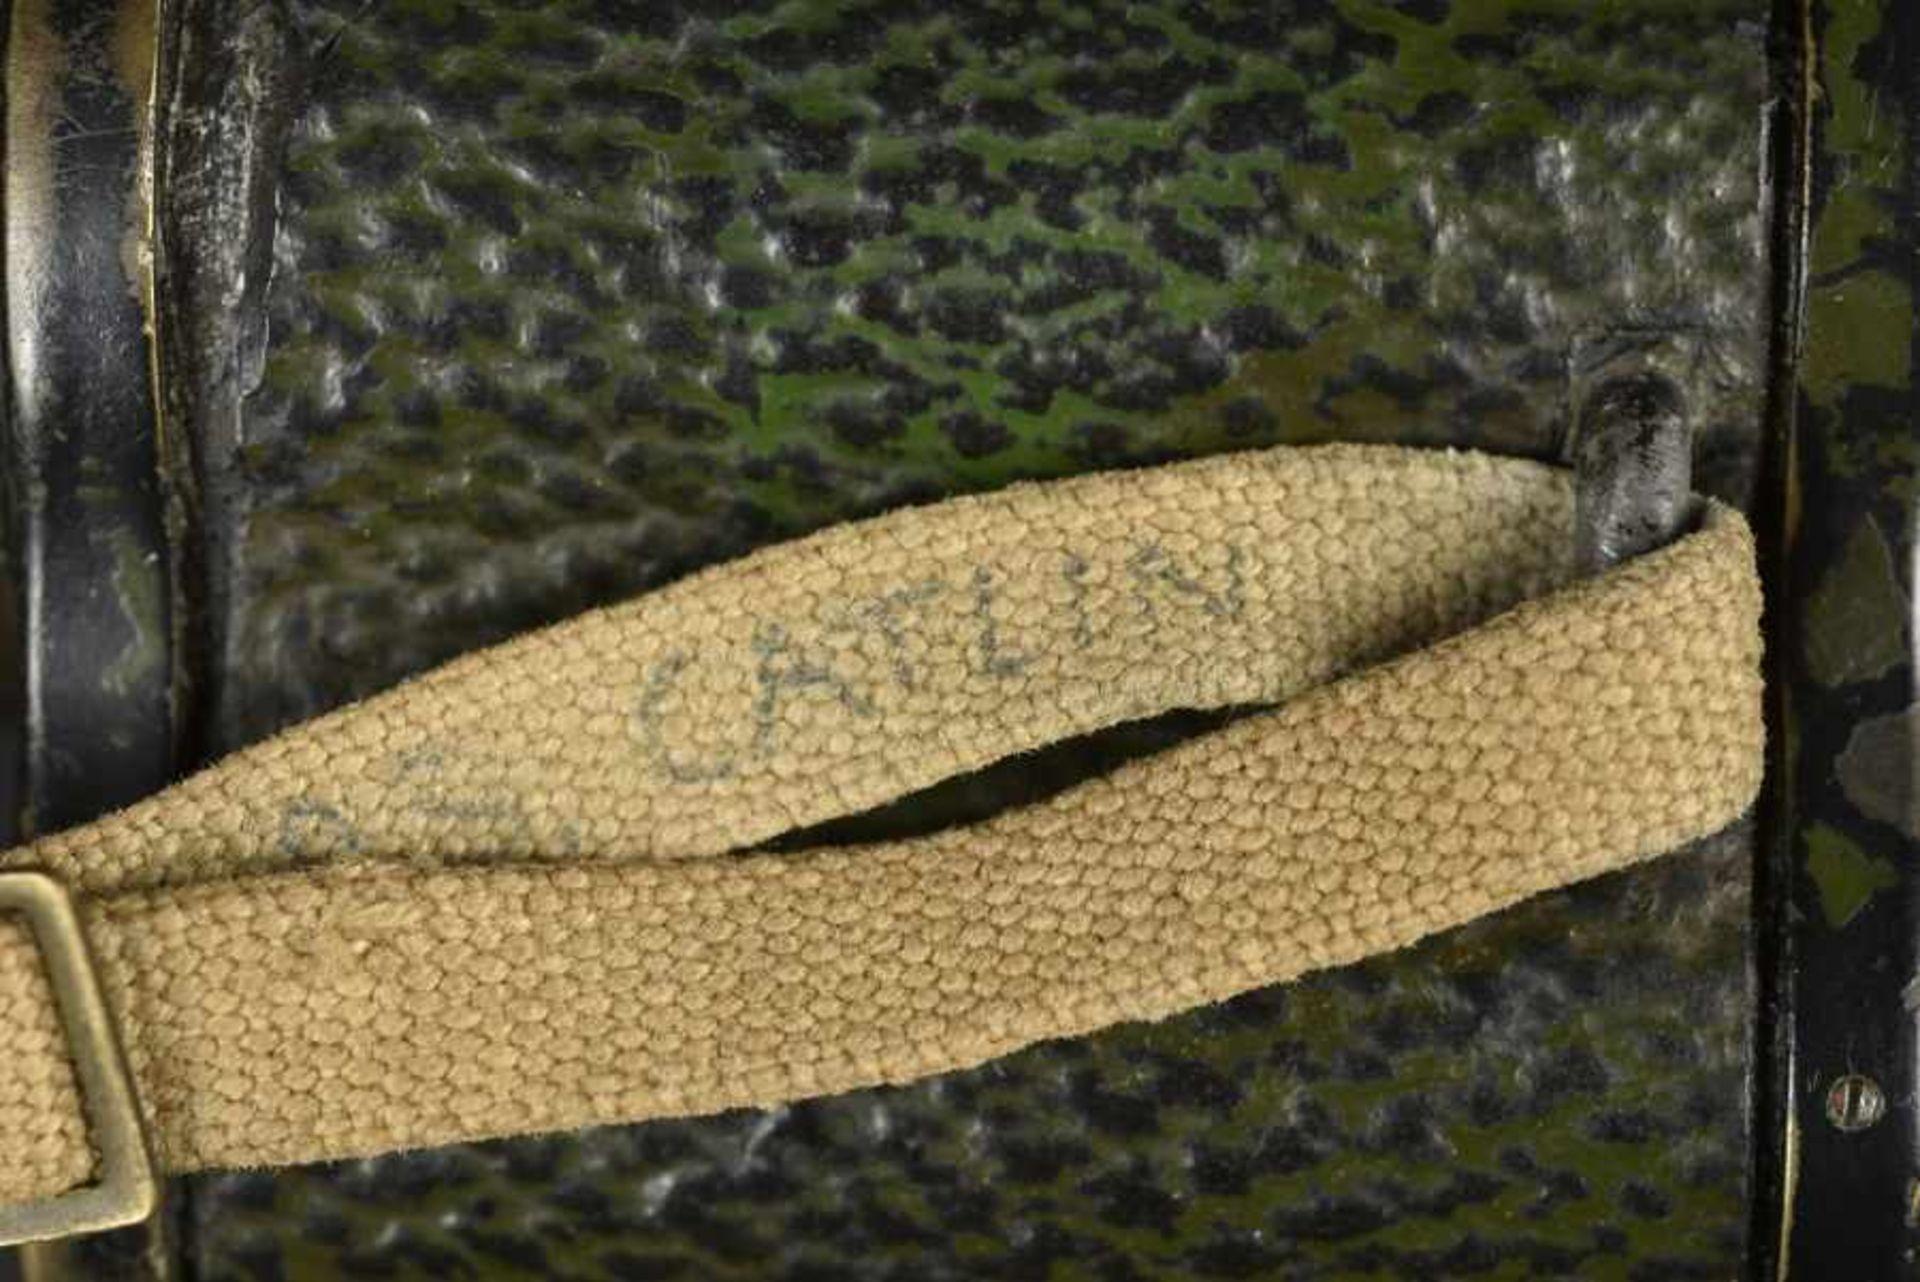 Jumelle du parachutiste britannique DS Catlin de la 6ème Airborne. A pair of binoculars belonging to - Bild 2 aus 4